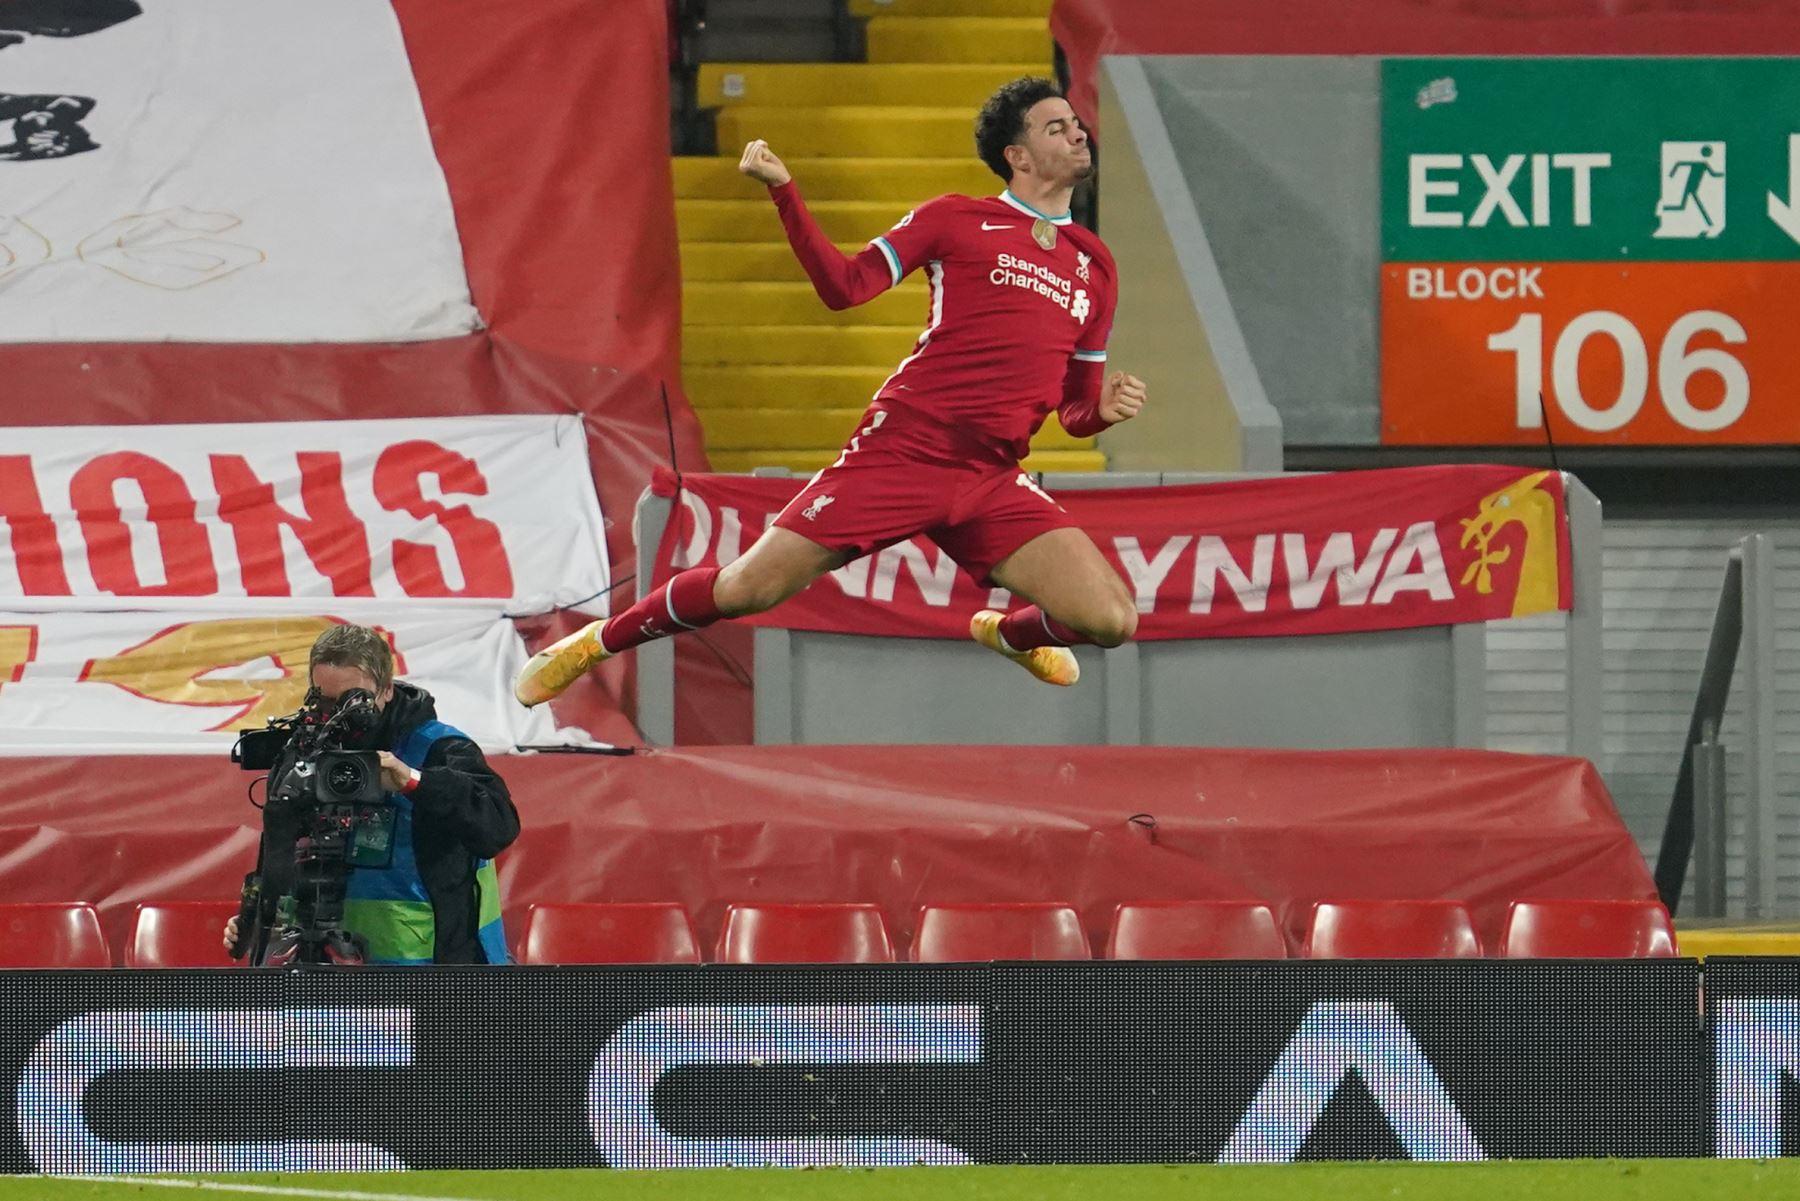 El mediocampista inglés de Liverpool, Curtis Jones, celebra después de marcar el primer gol de su equipo durante el partido de fútbol del Grupo D de la primera ronda de la Liga de Campeones de la UEFA. Foto: AFP